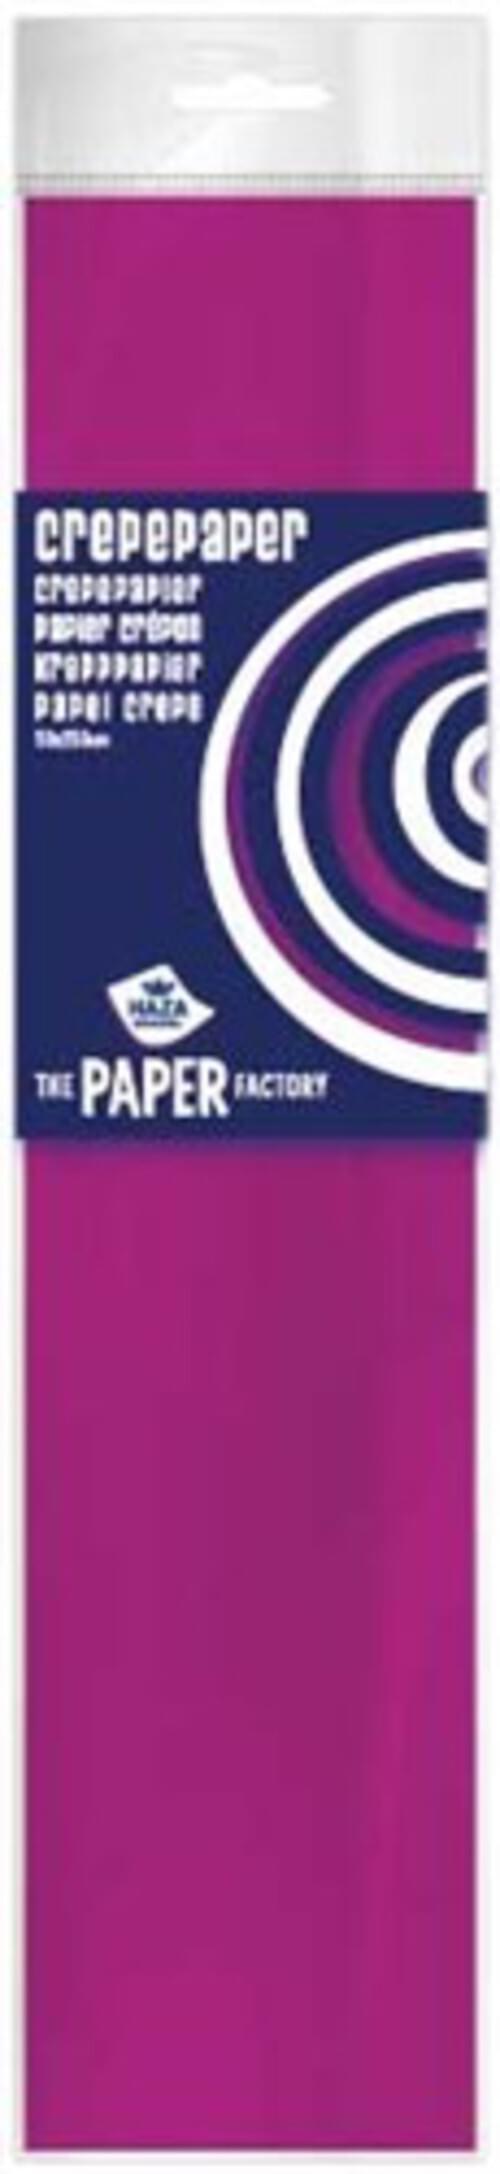 Crepe Paper Hot Pink 10pk